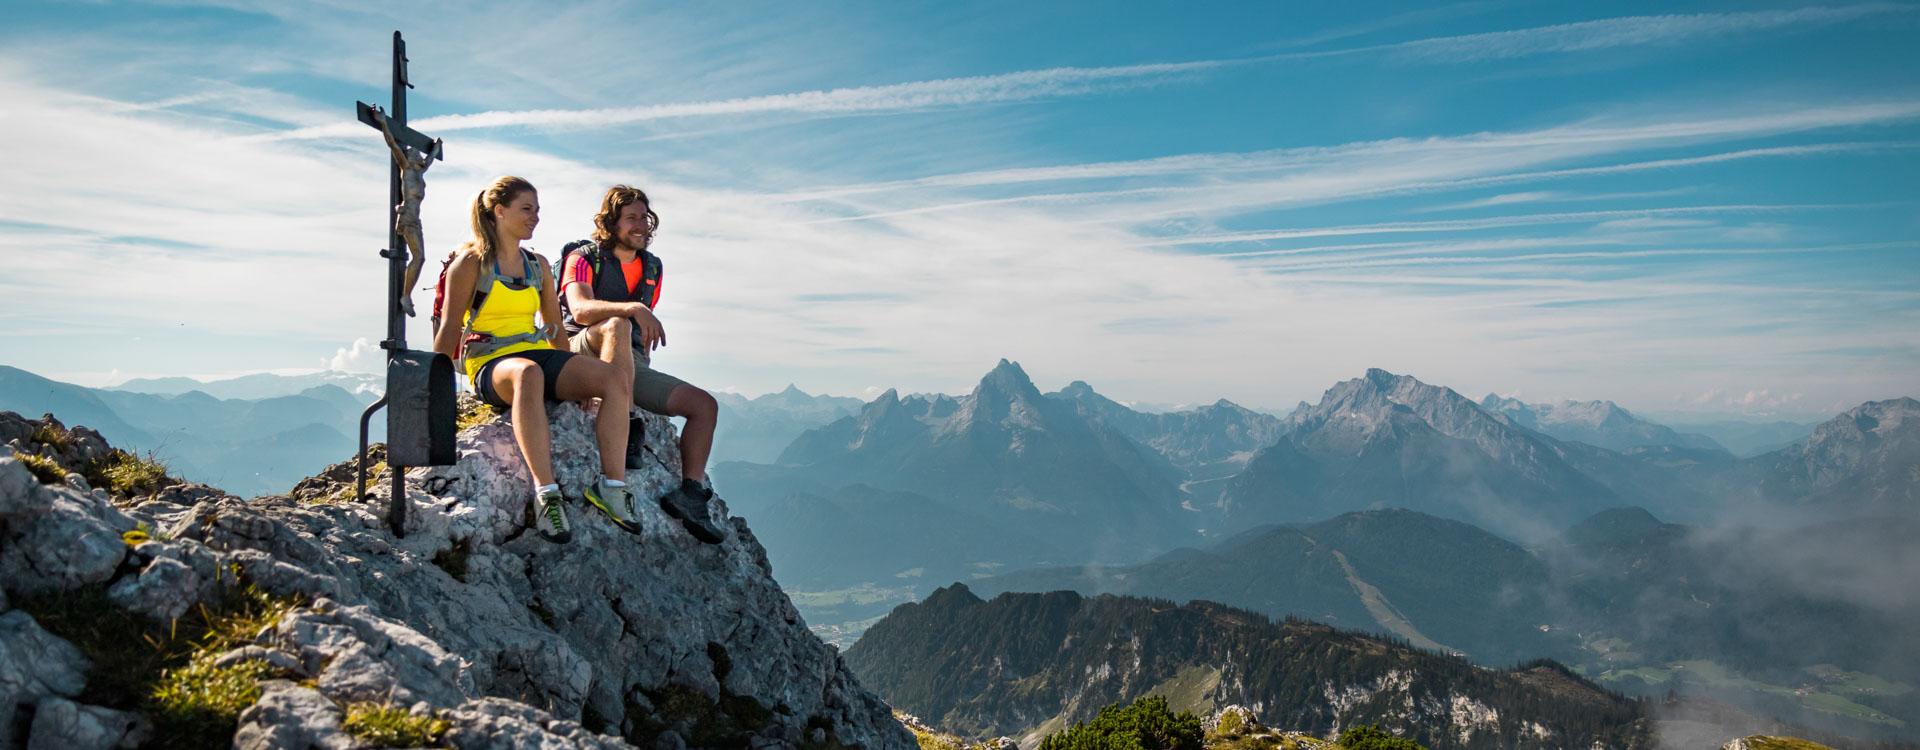 gefuehrte-wanderung-in-berchtesgaden-mit-der-bergsteigerschule-watzmann.jpg